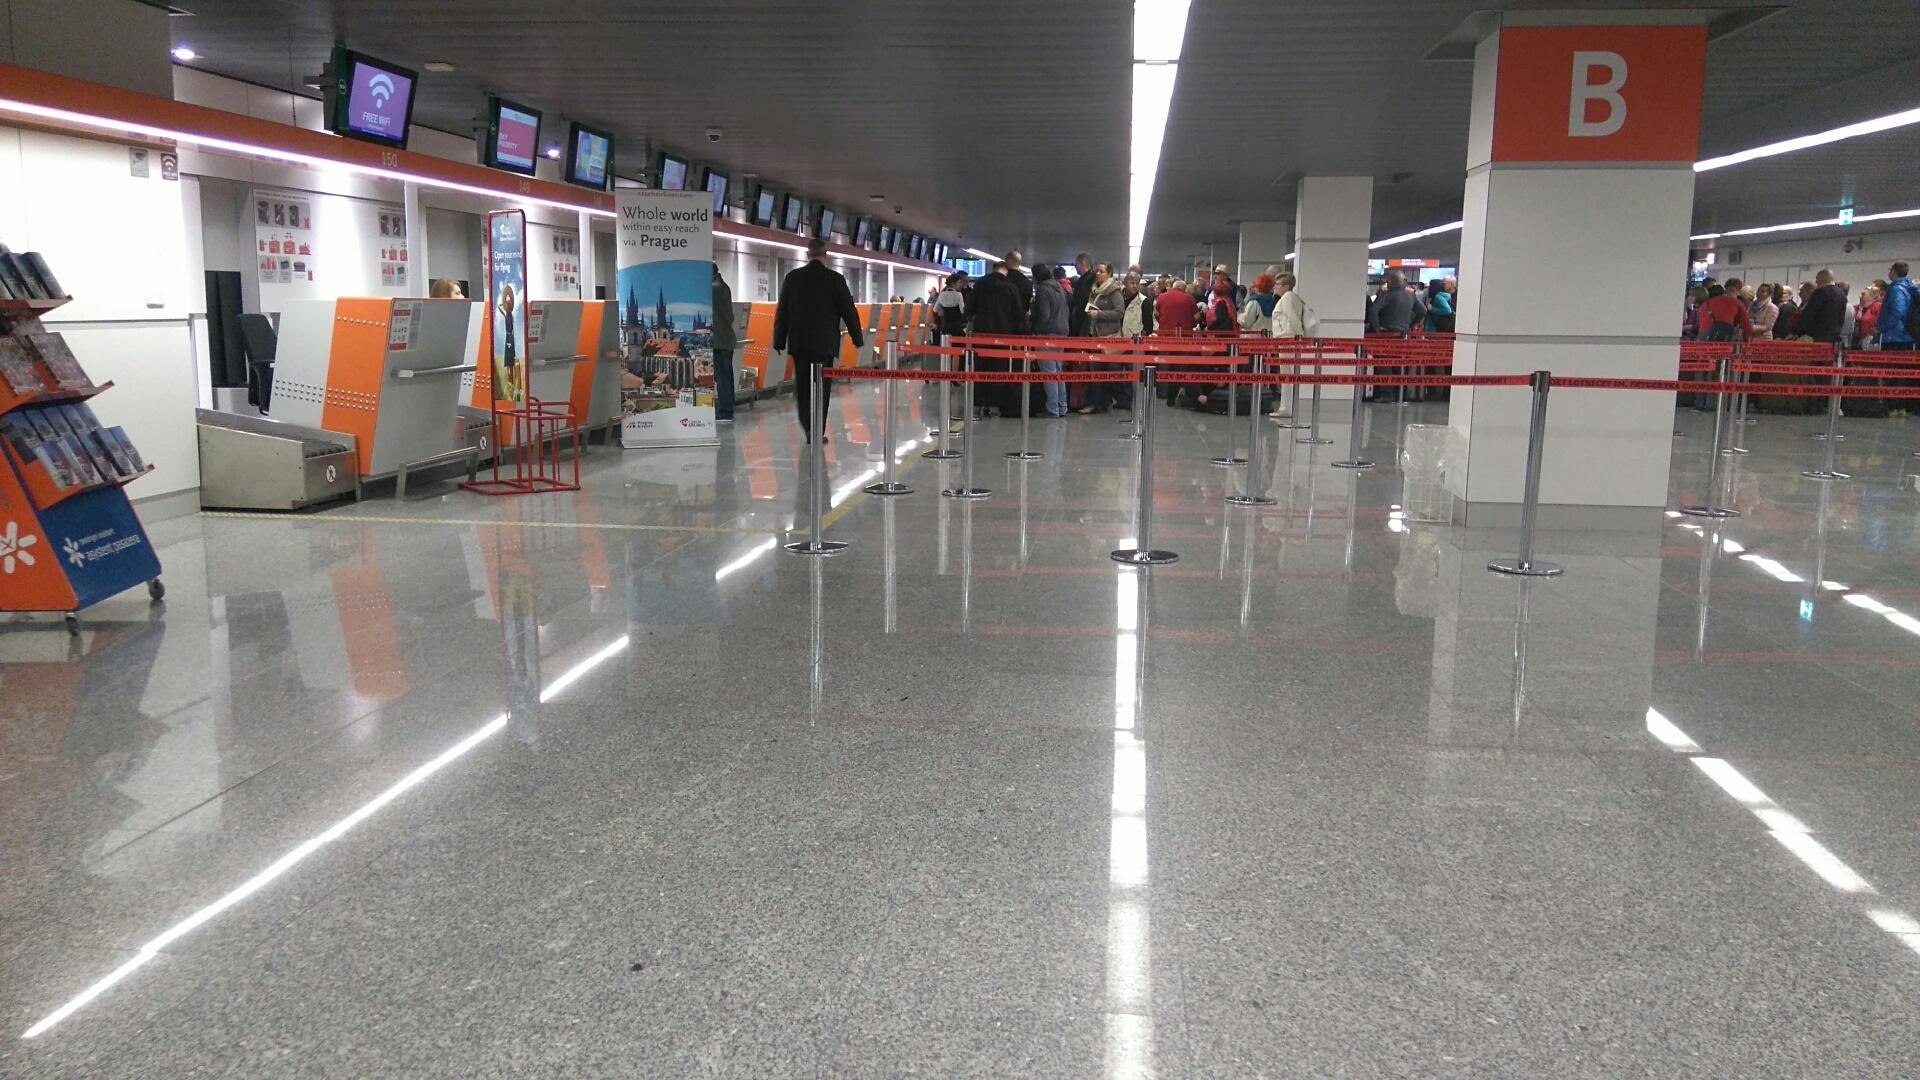 montaż pętli indukcyjnych na Lotnisku im. F. Chopina w Warszawie